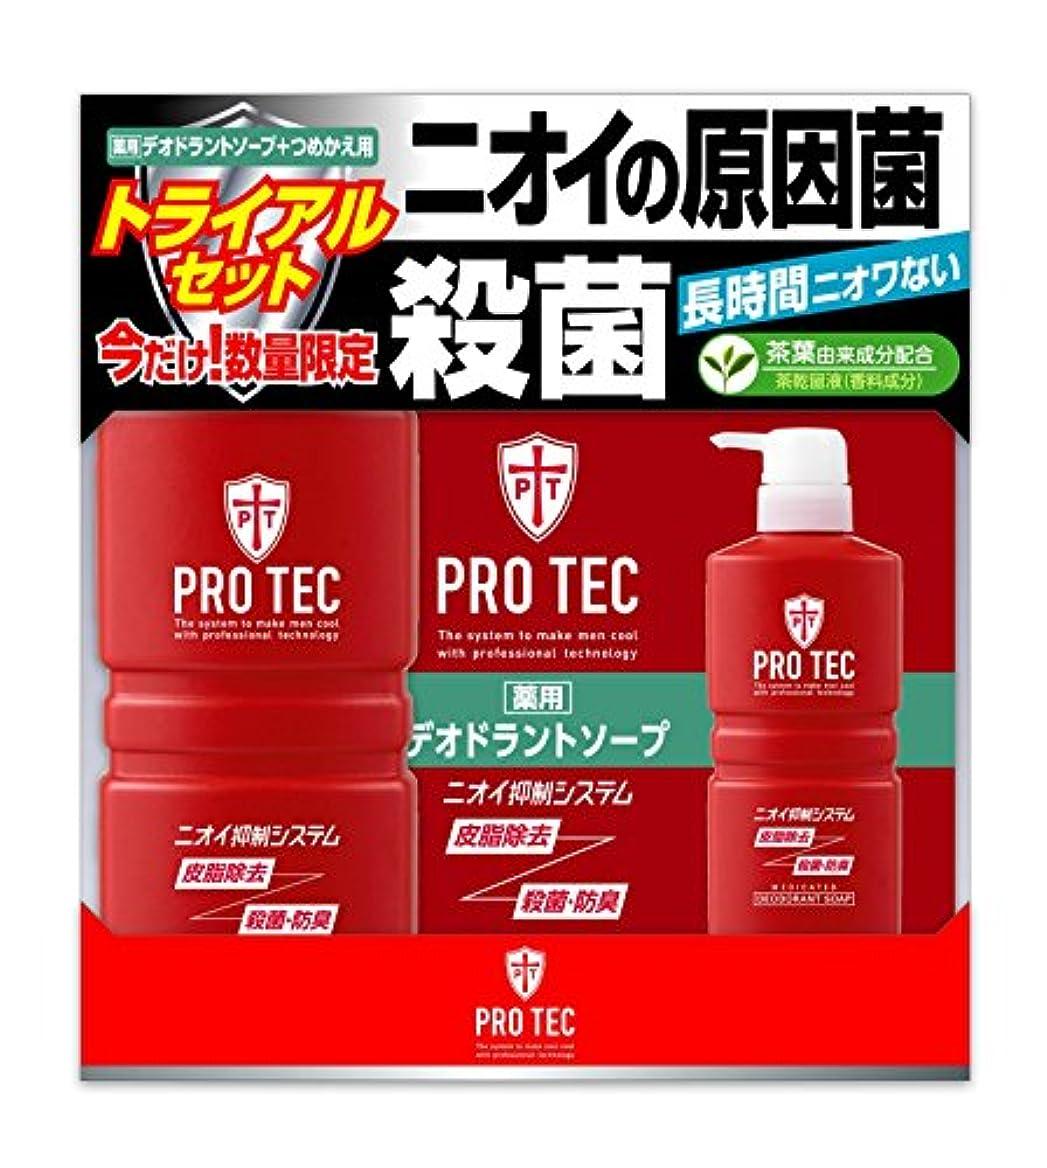 吸収剤トレッド命題PRO TEC(プロテク) デオドラントソープ 本体420ml+詰替330ml セット[医薬部外品]